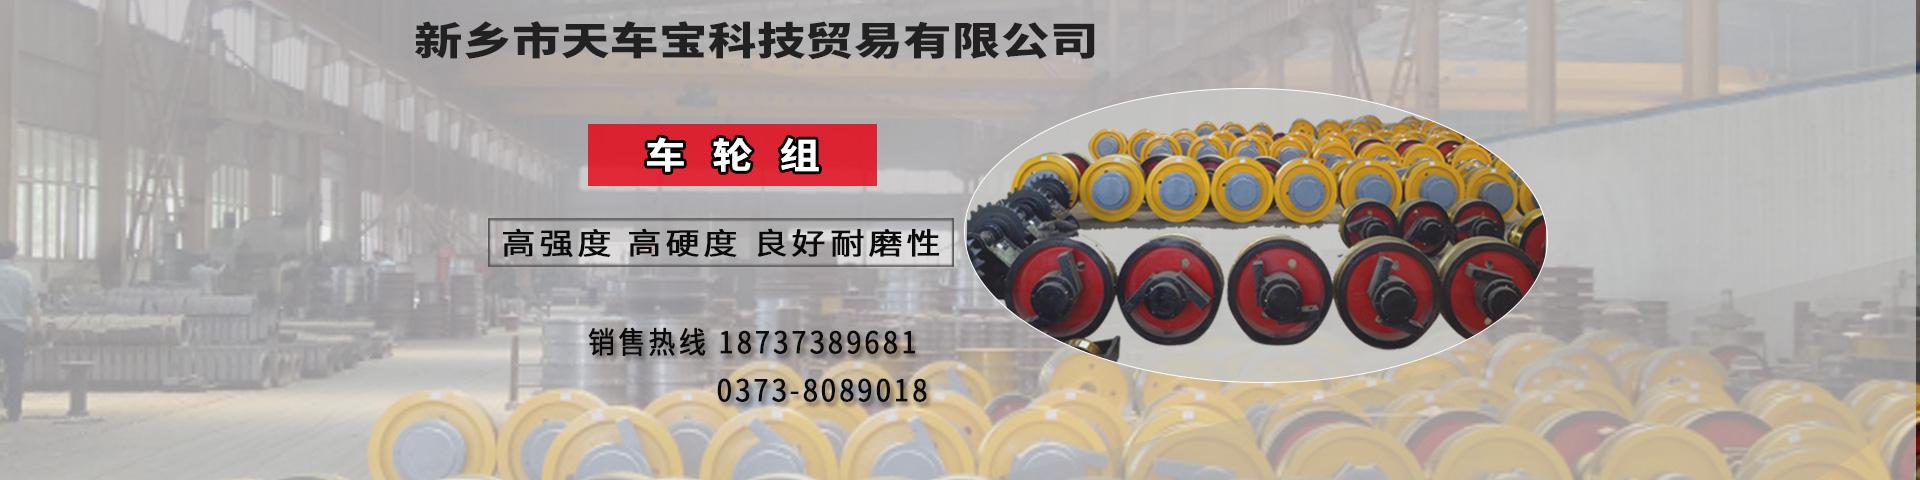 河南华工车轮制造有限公司